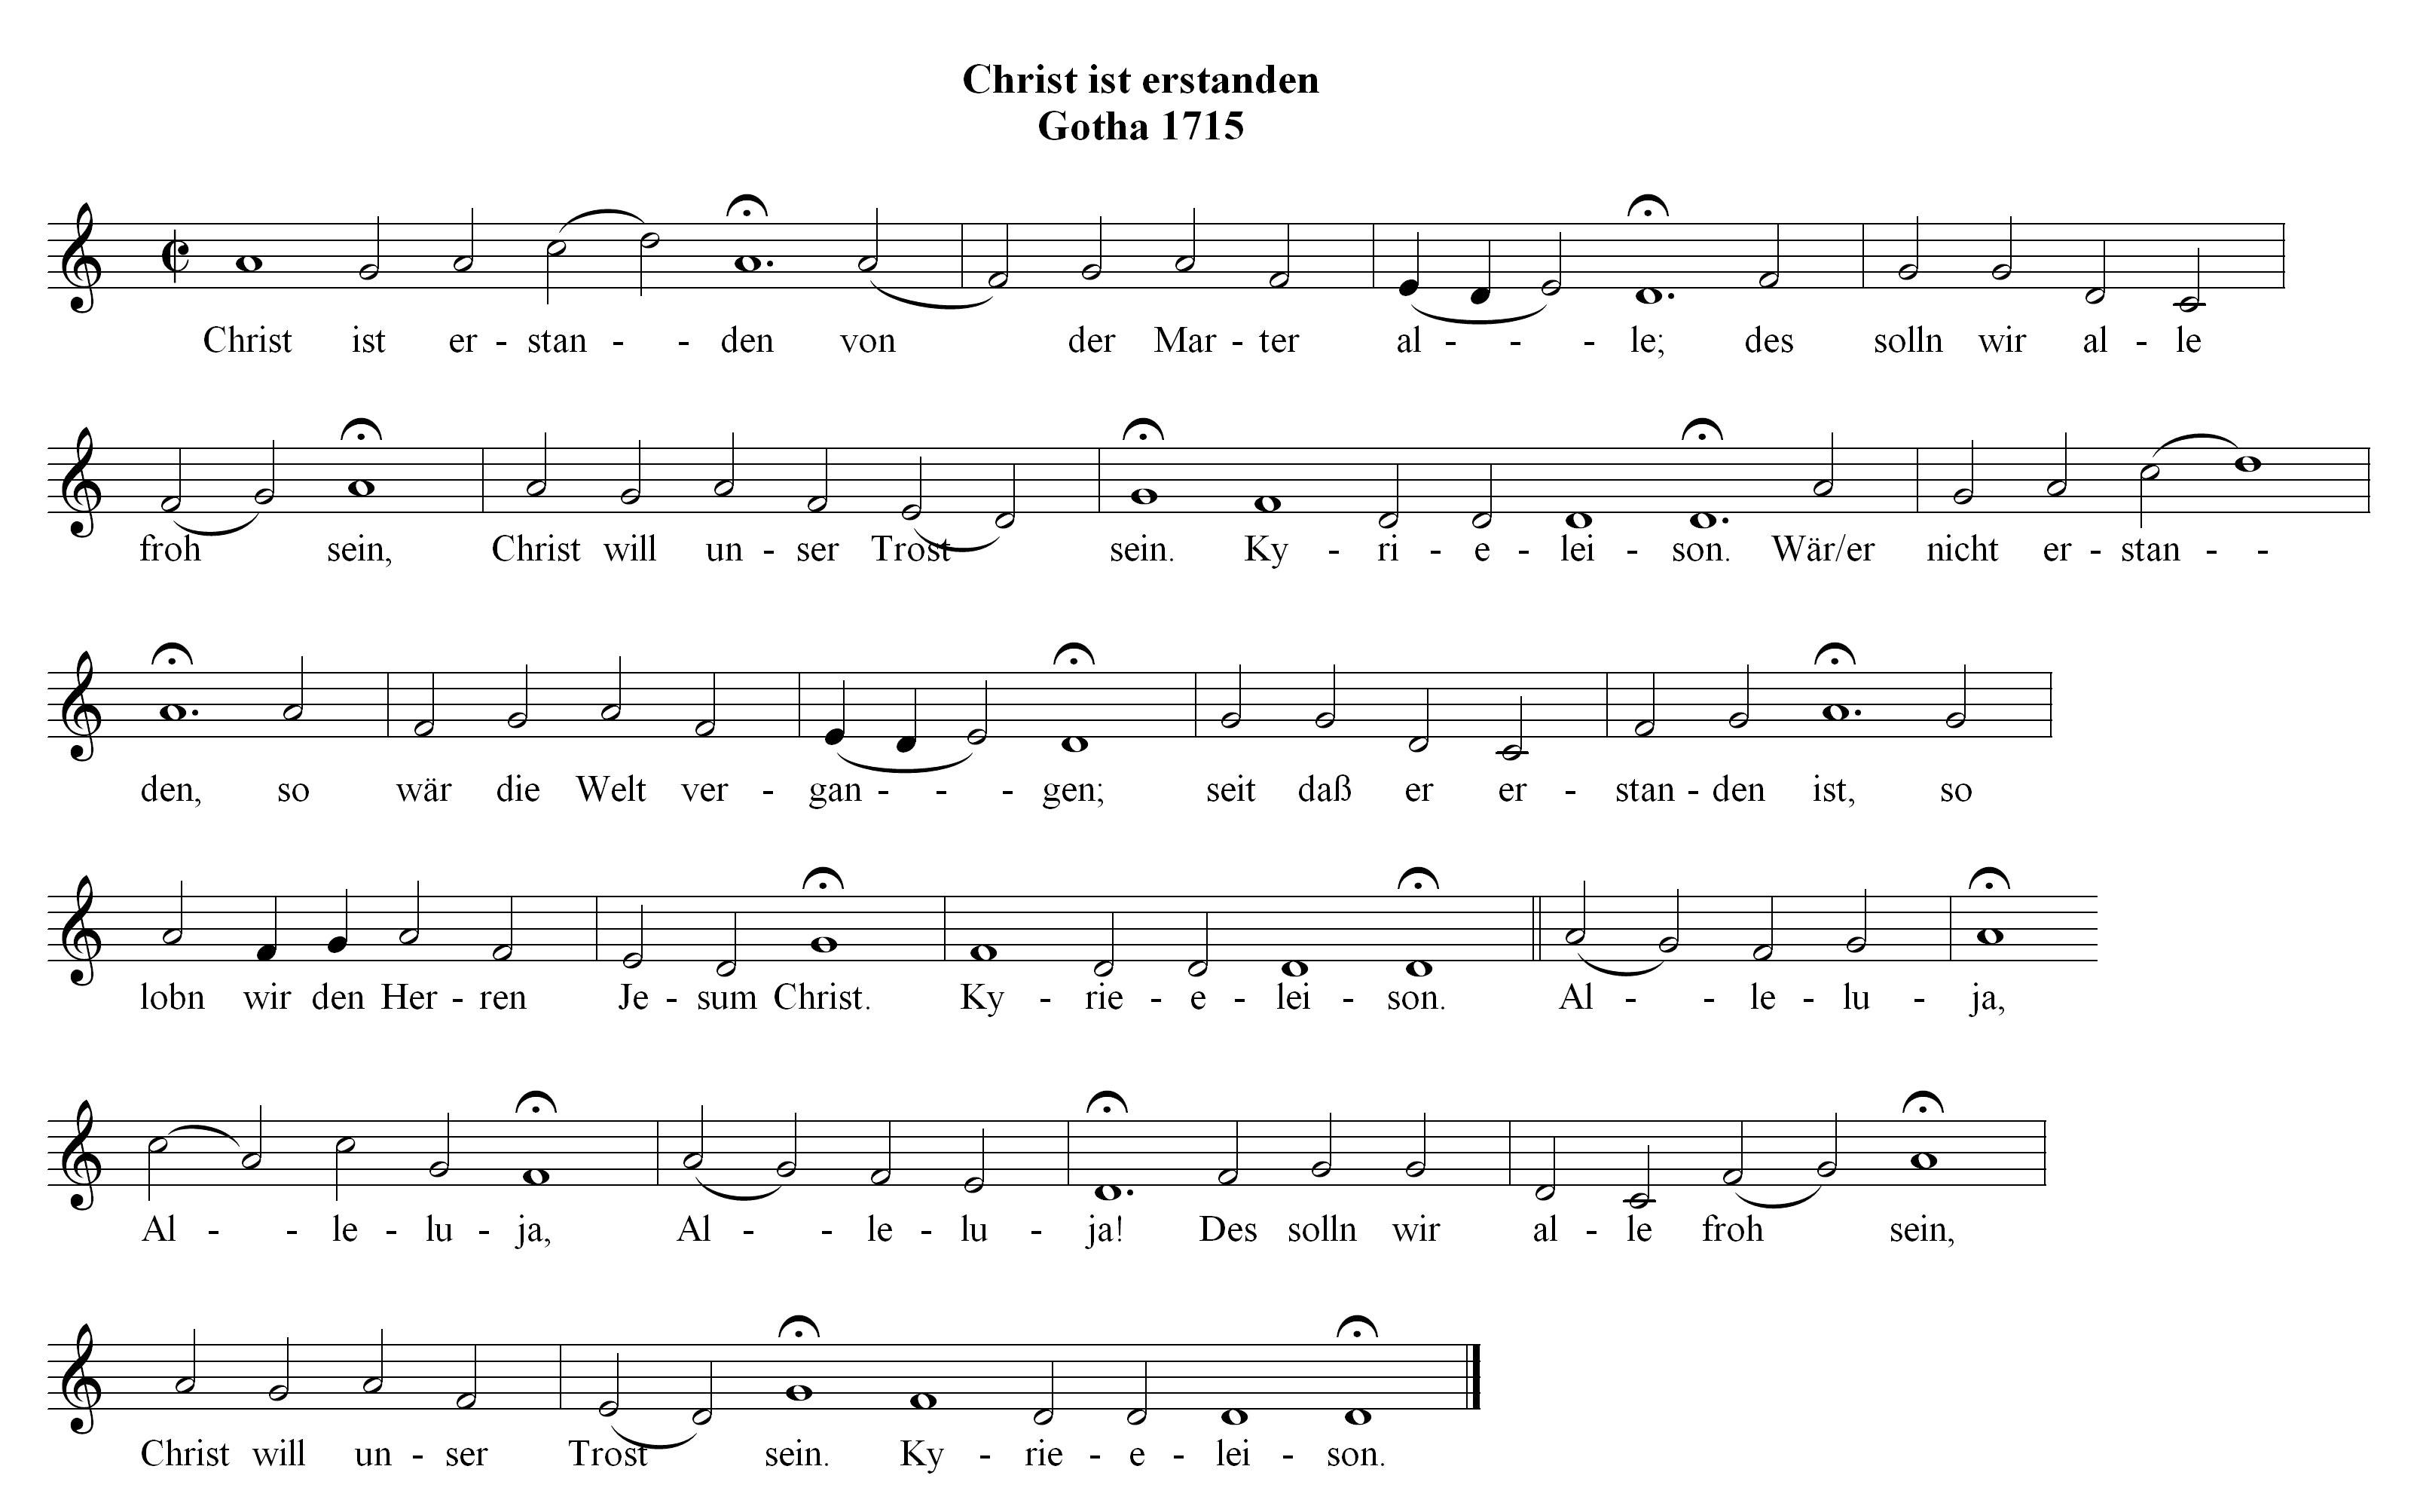 Chorale Melody: Christ ist erstanden